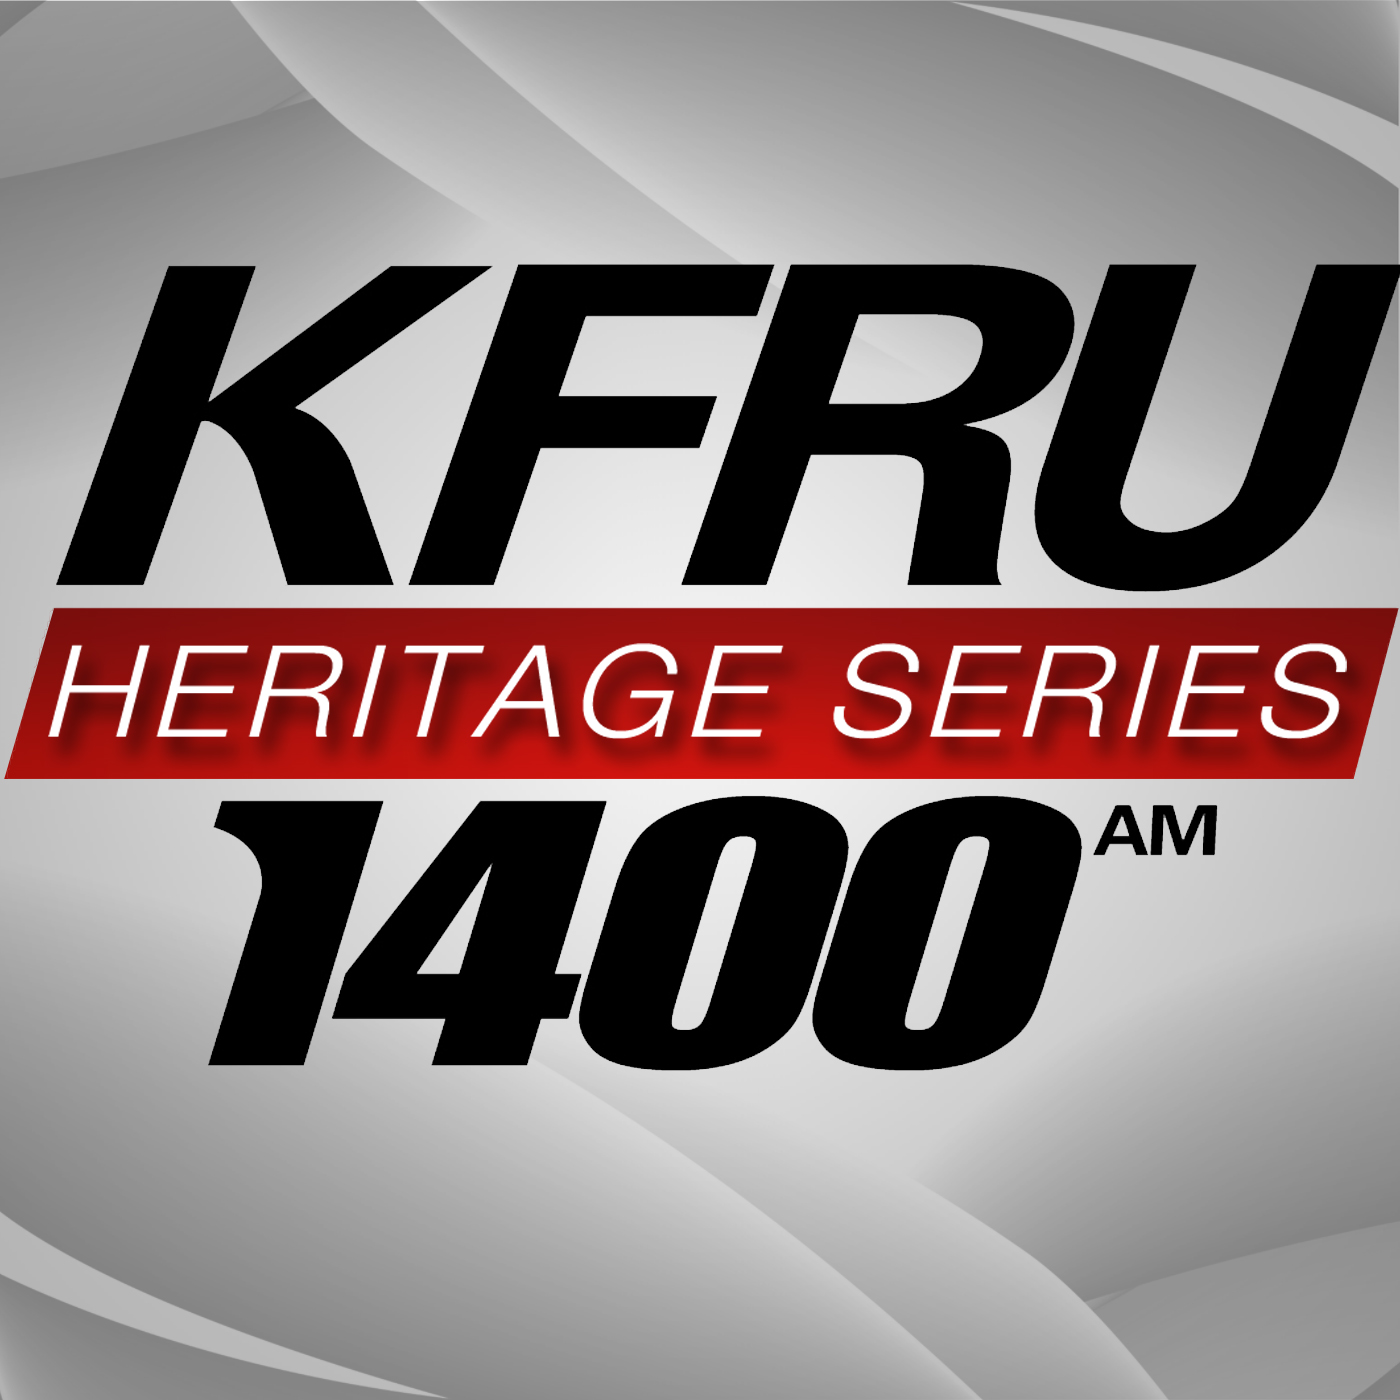 KFRU_HeritageSeries_1400x1400